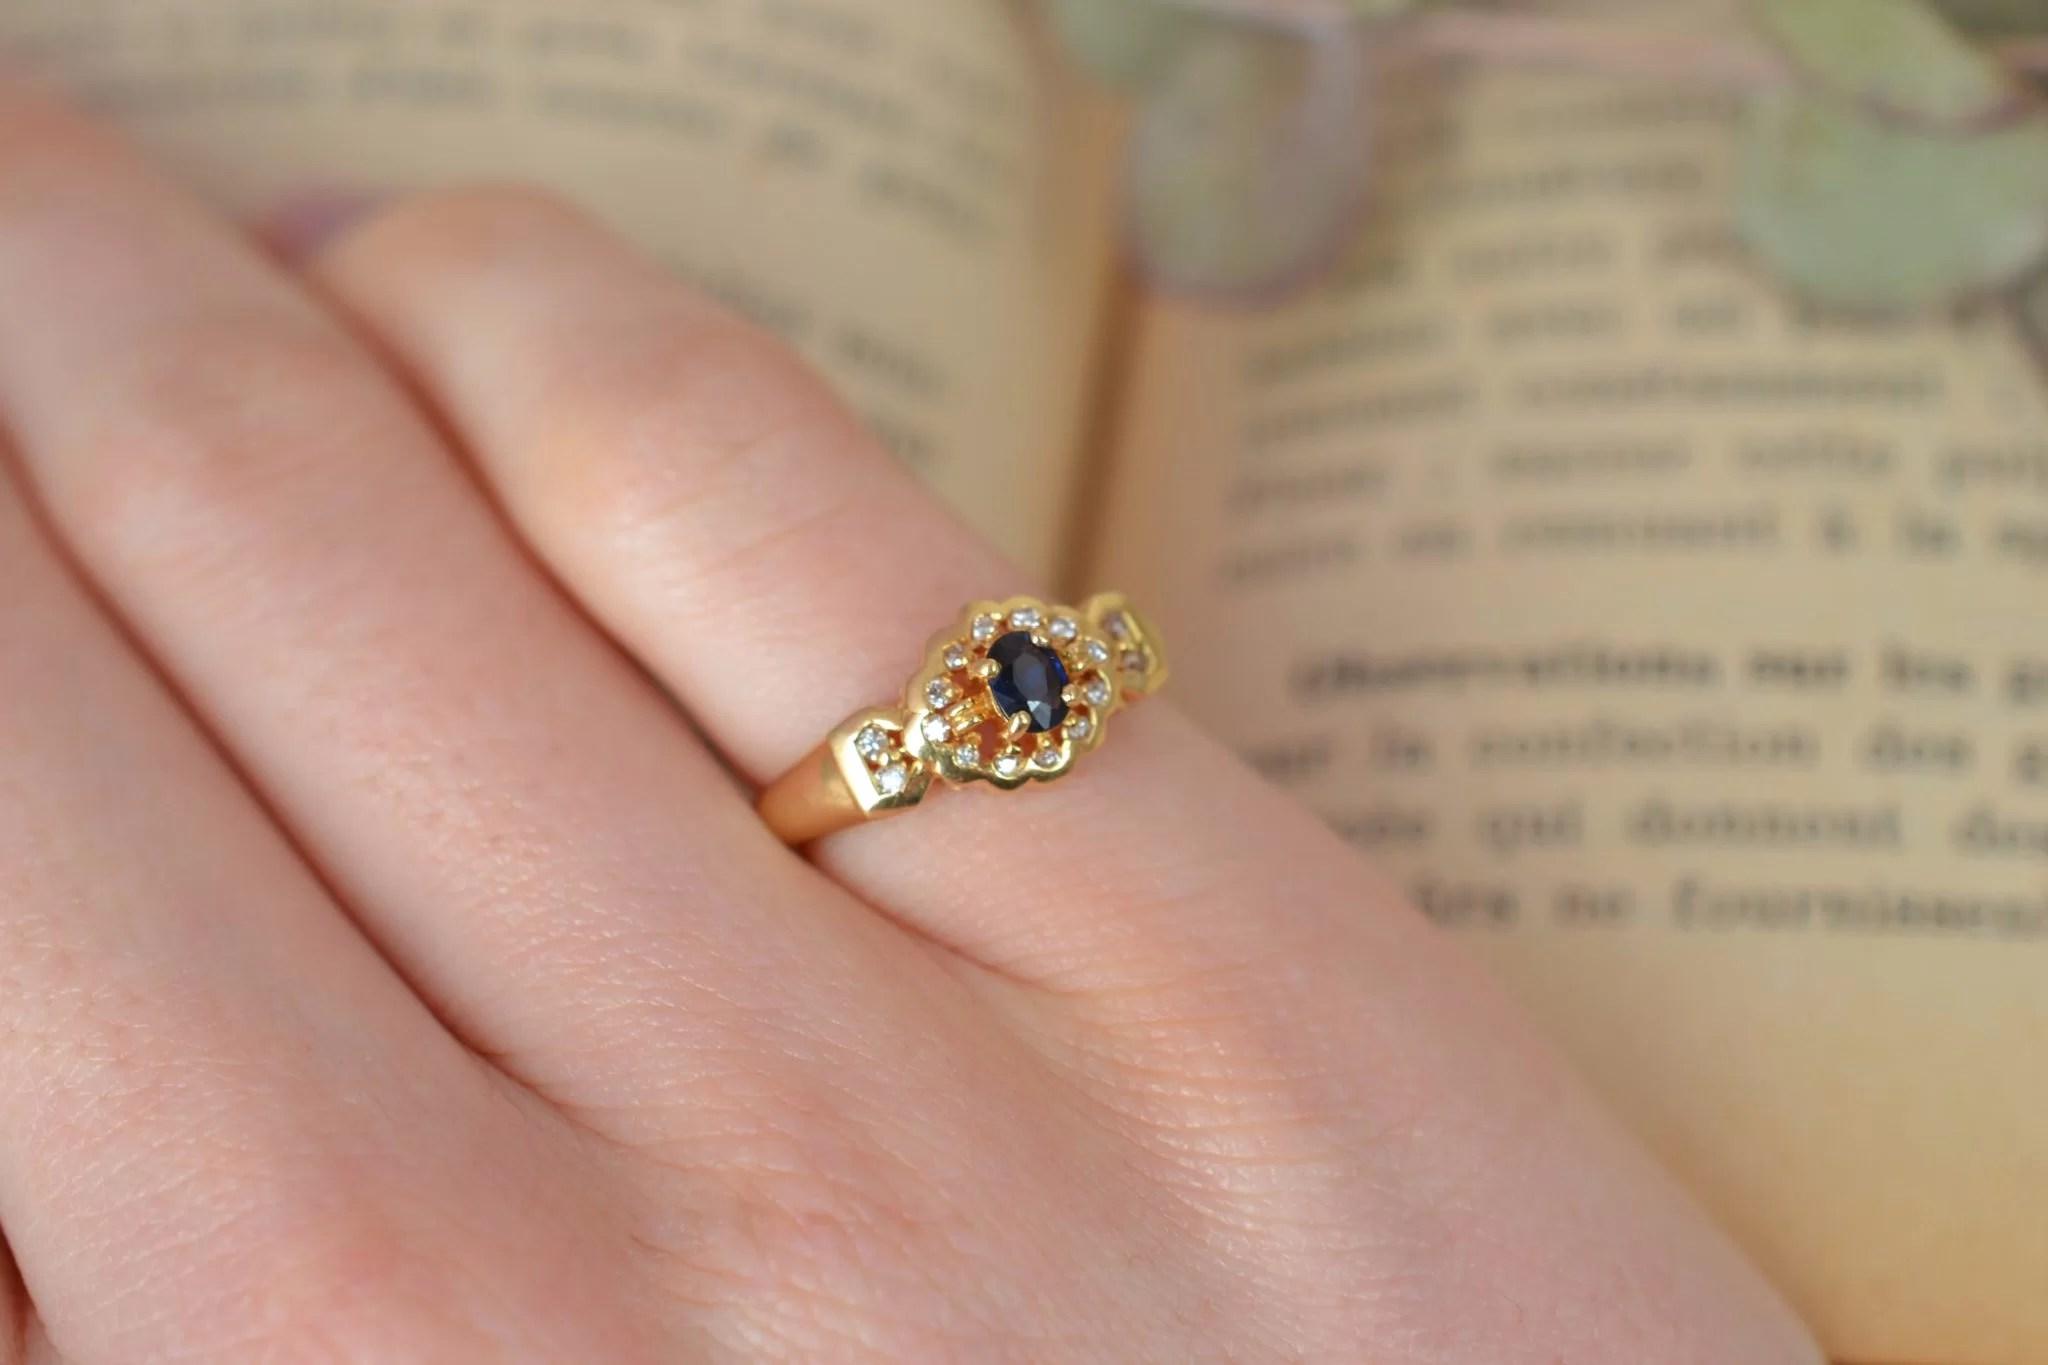 Bague en Or jaune sertie d_un saphir sur un entourage de diamants - bague ancienne